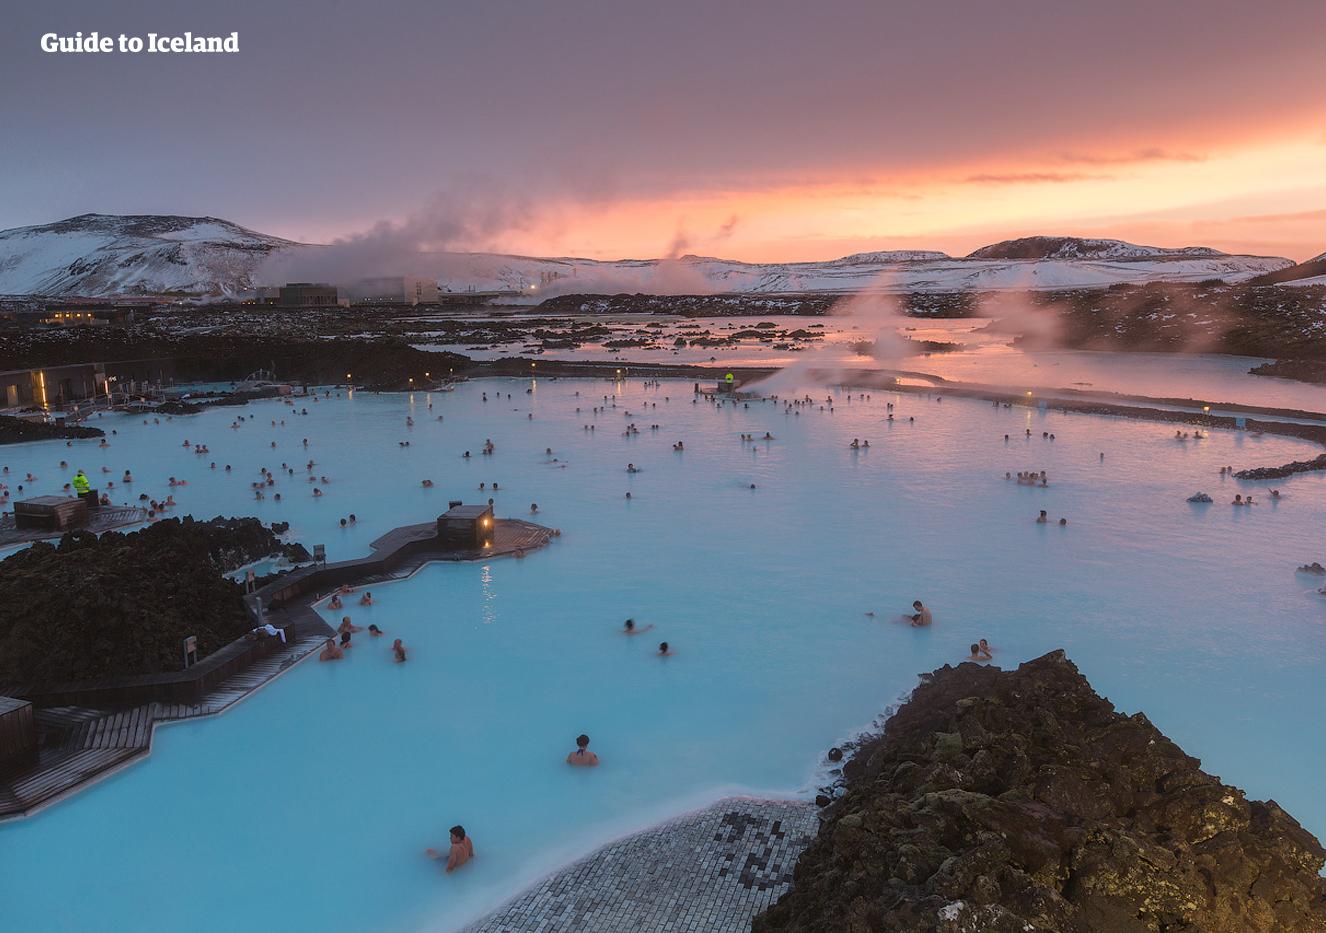 蓝湖温泉是冰岛最富盛名的地热温泉